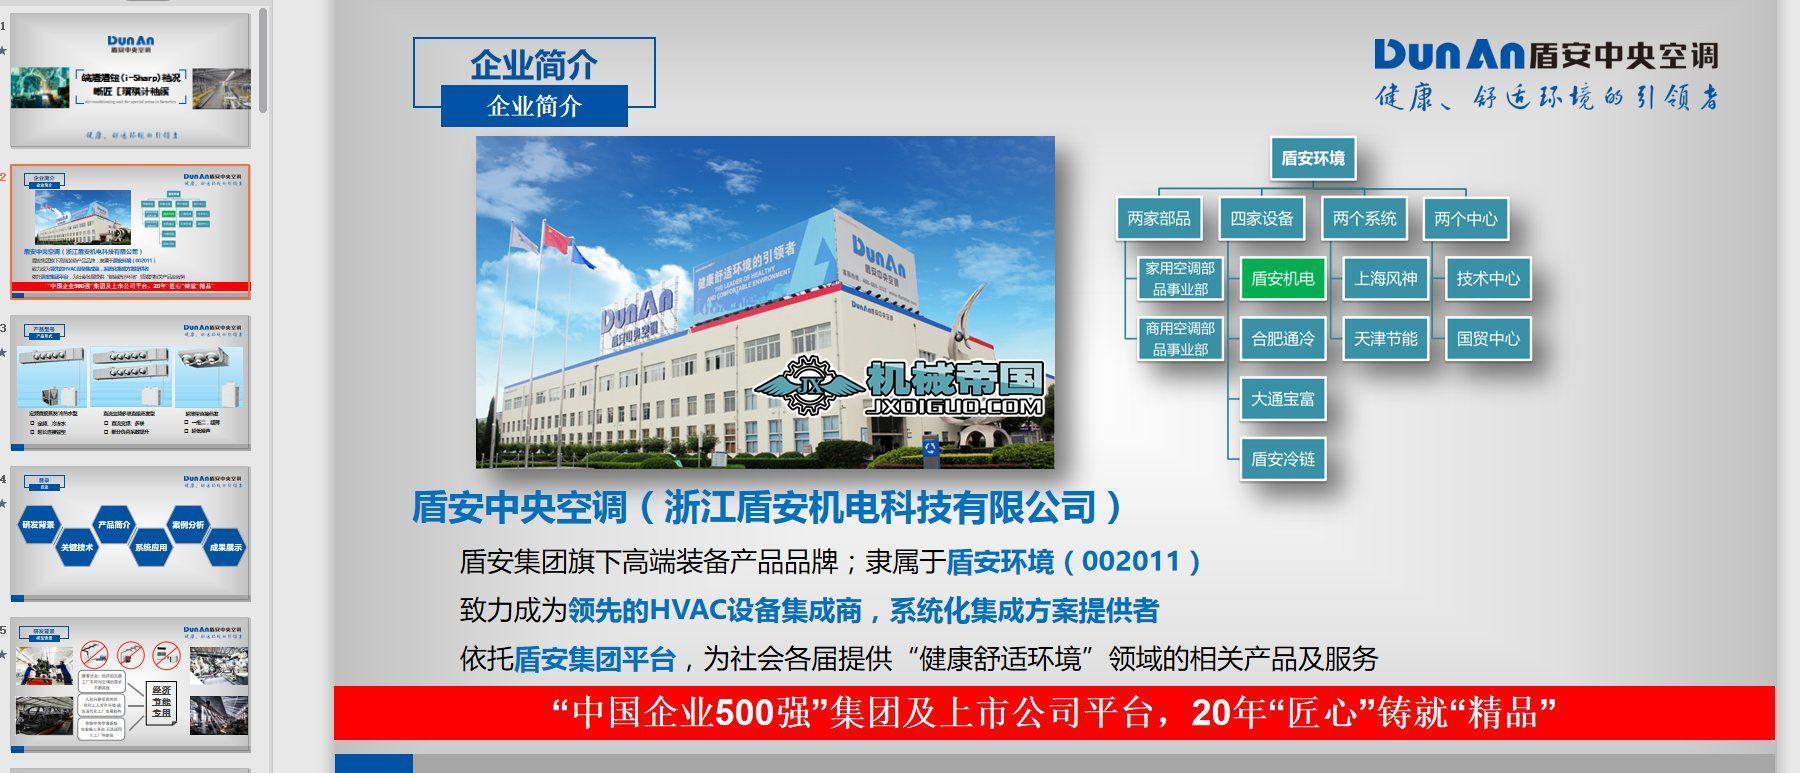 4-4-1 盾安安锐(i-Sharp)系列工厂专用区域空调推广改